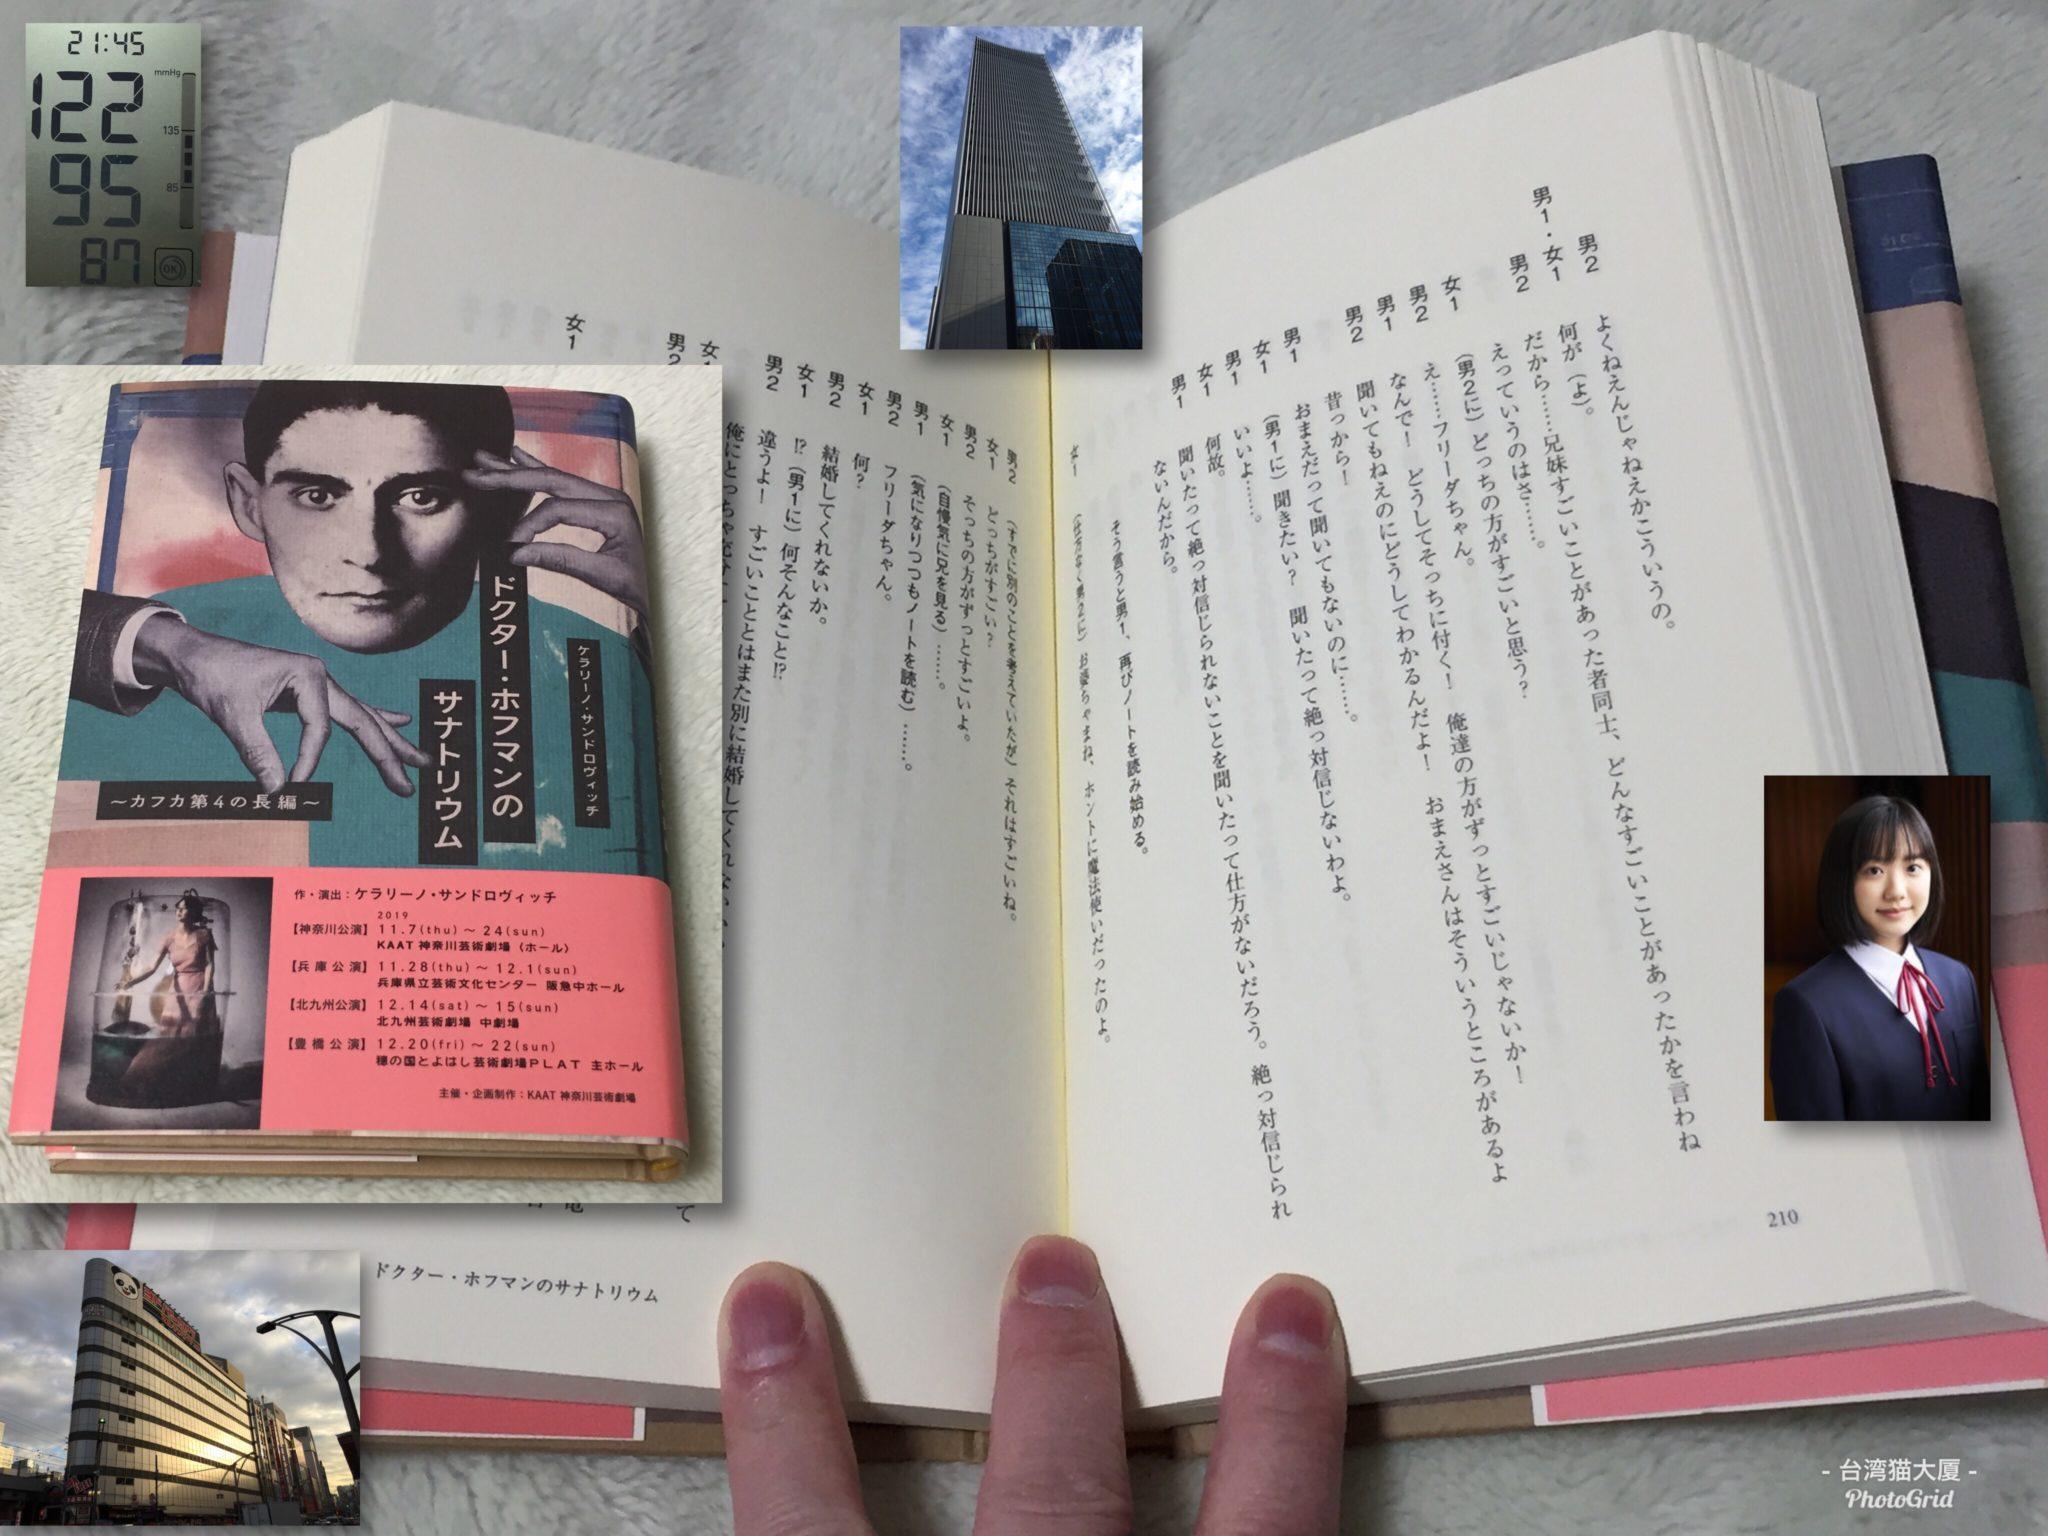 ドクター ホフマン の サナトリウム カフカ 第 4 の 長編